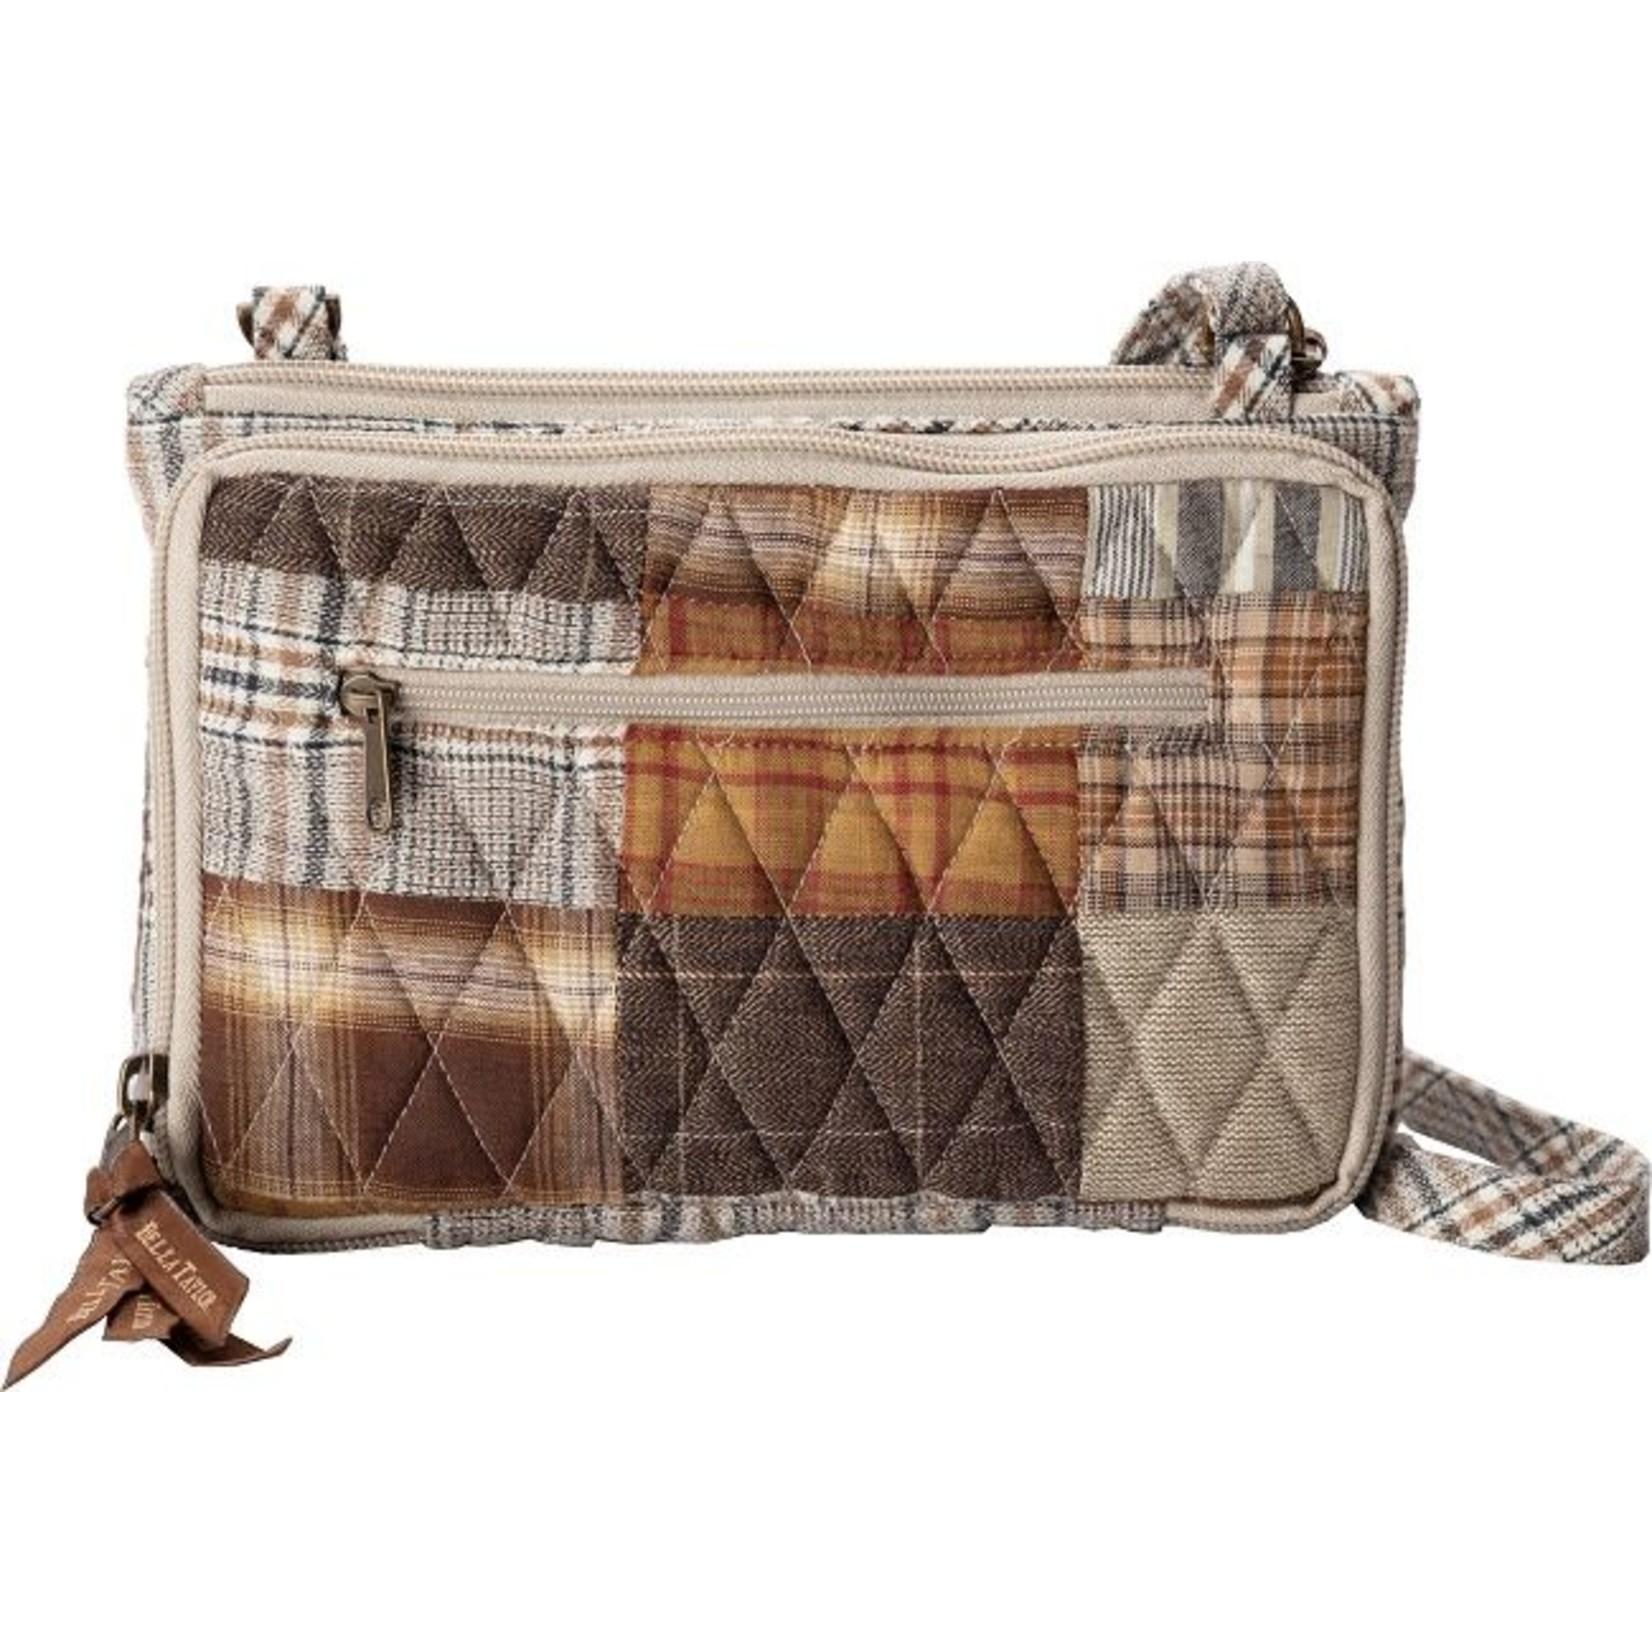 Bella Taylor Rory - Essentials handbag